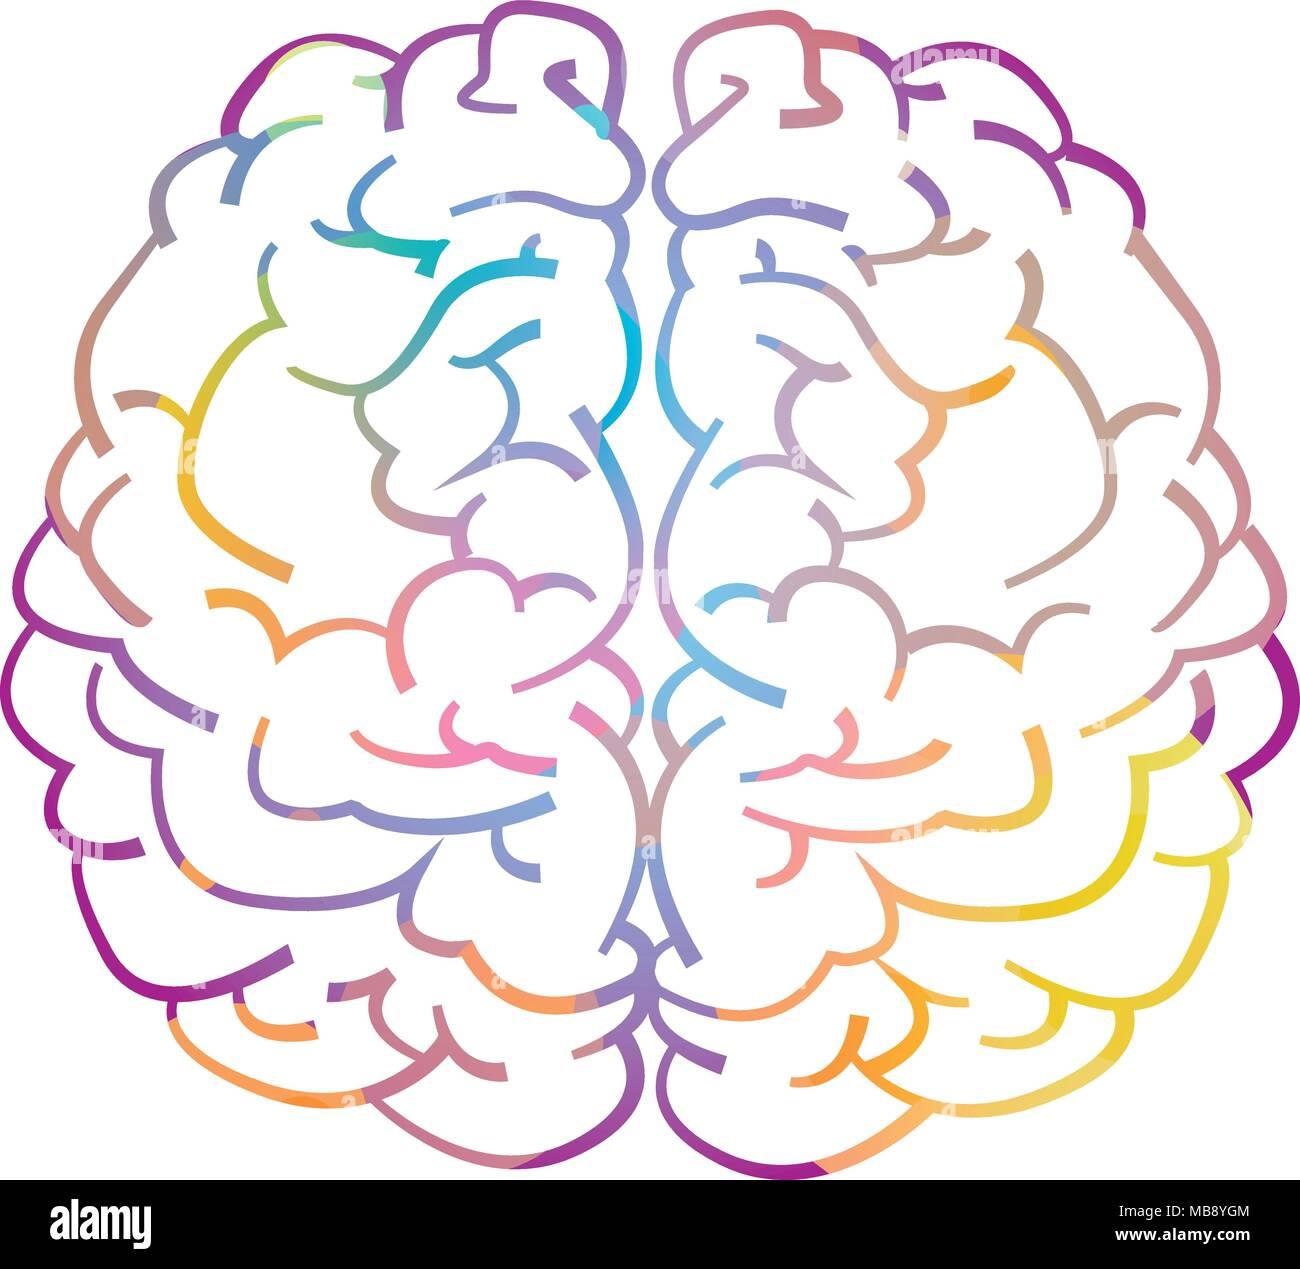 Hemisferio derecho e izquierdo del cerebro humano Imagen De Stock